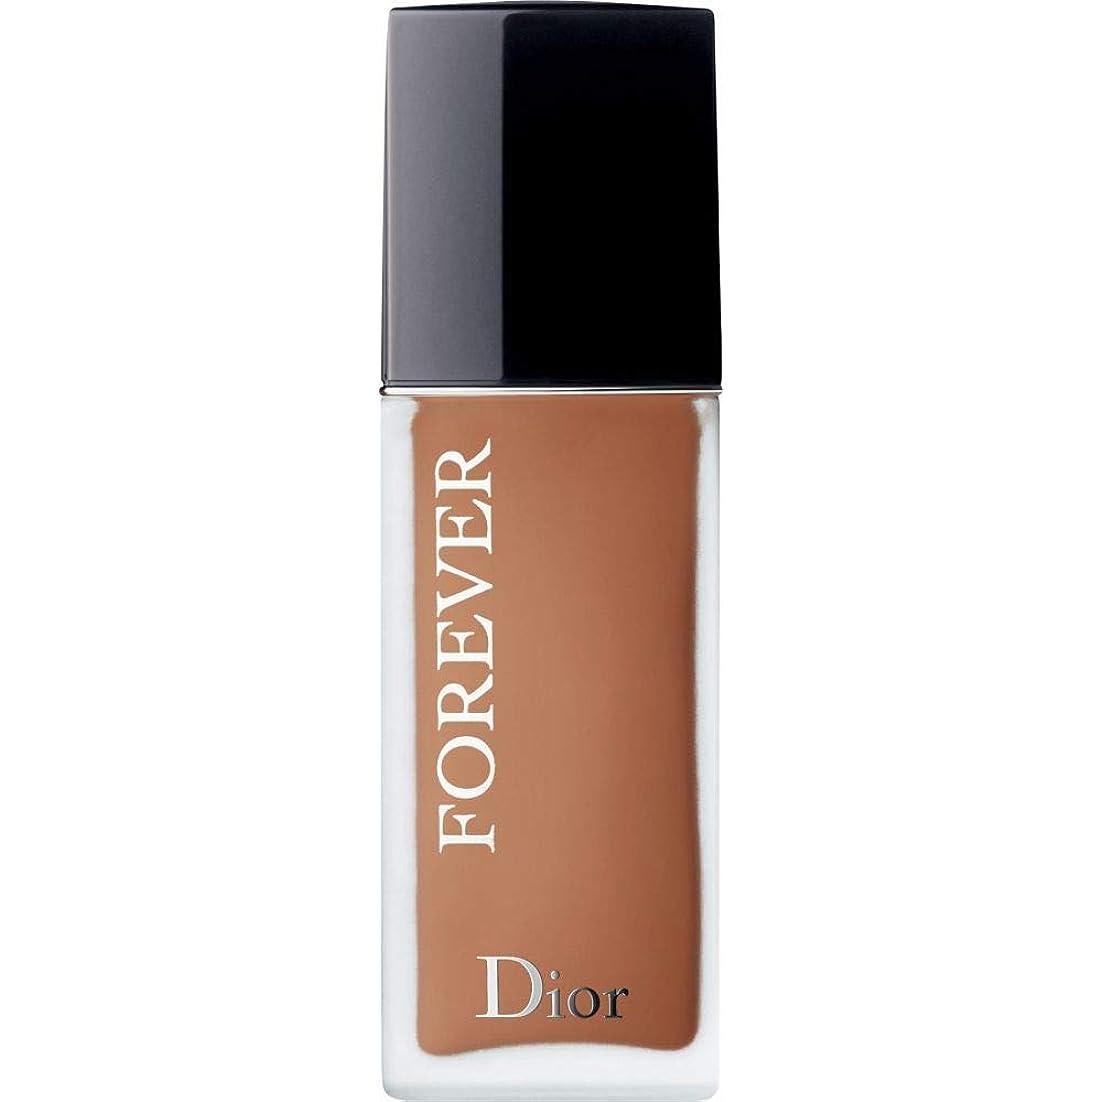 考古学者シネウィ摘む[Dior ] ディオール永遠皮膚思いやりの基盤Spf35 30ミリリットルの5N - ニュートラル(つや消し) - DIOR Forever Skin-Caring Foundation SPF35 30ml 5N - Neutral (Matte) [並行輸入品]